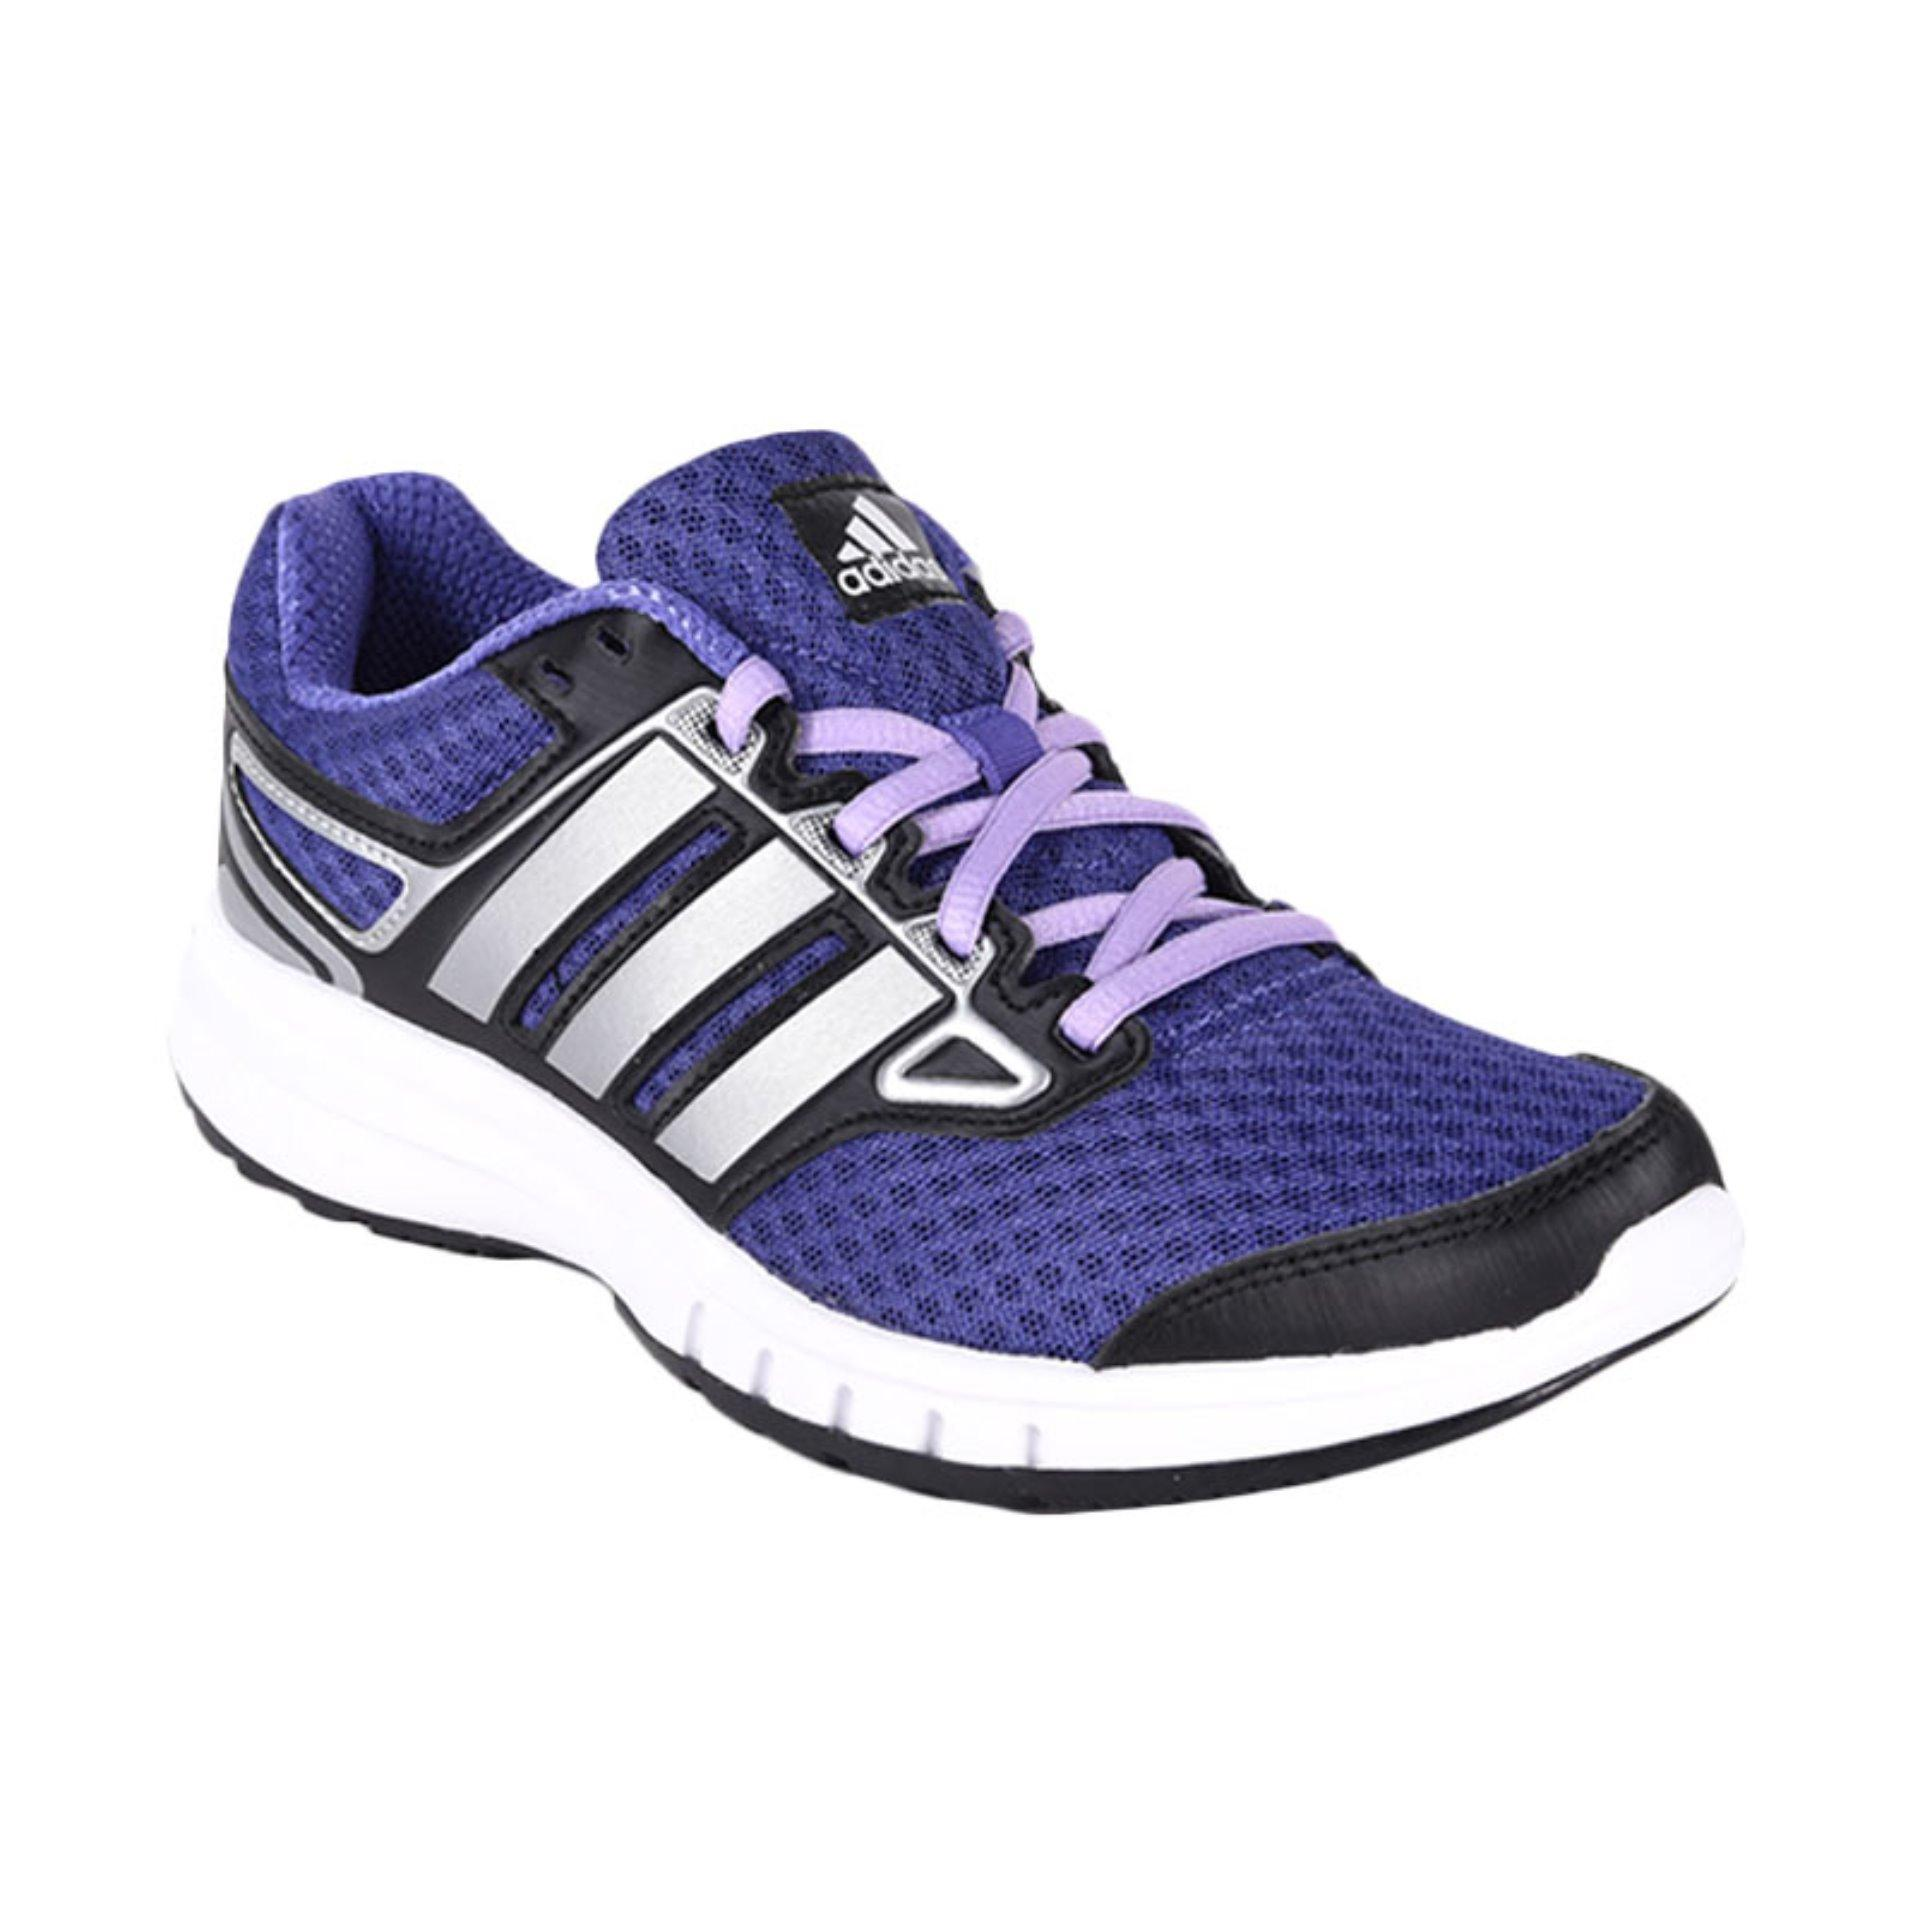 Sepatu Lari Wanita Terbaik Ardiles Women Chow Running Abu Merah 39 Adidas Galactic Elite B34322 Clearance